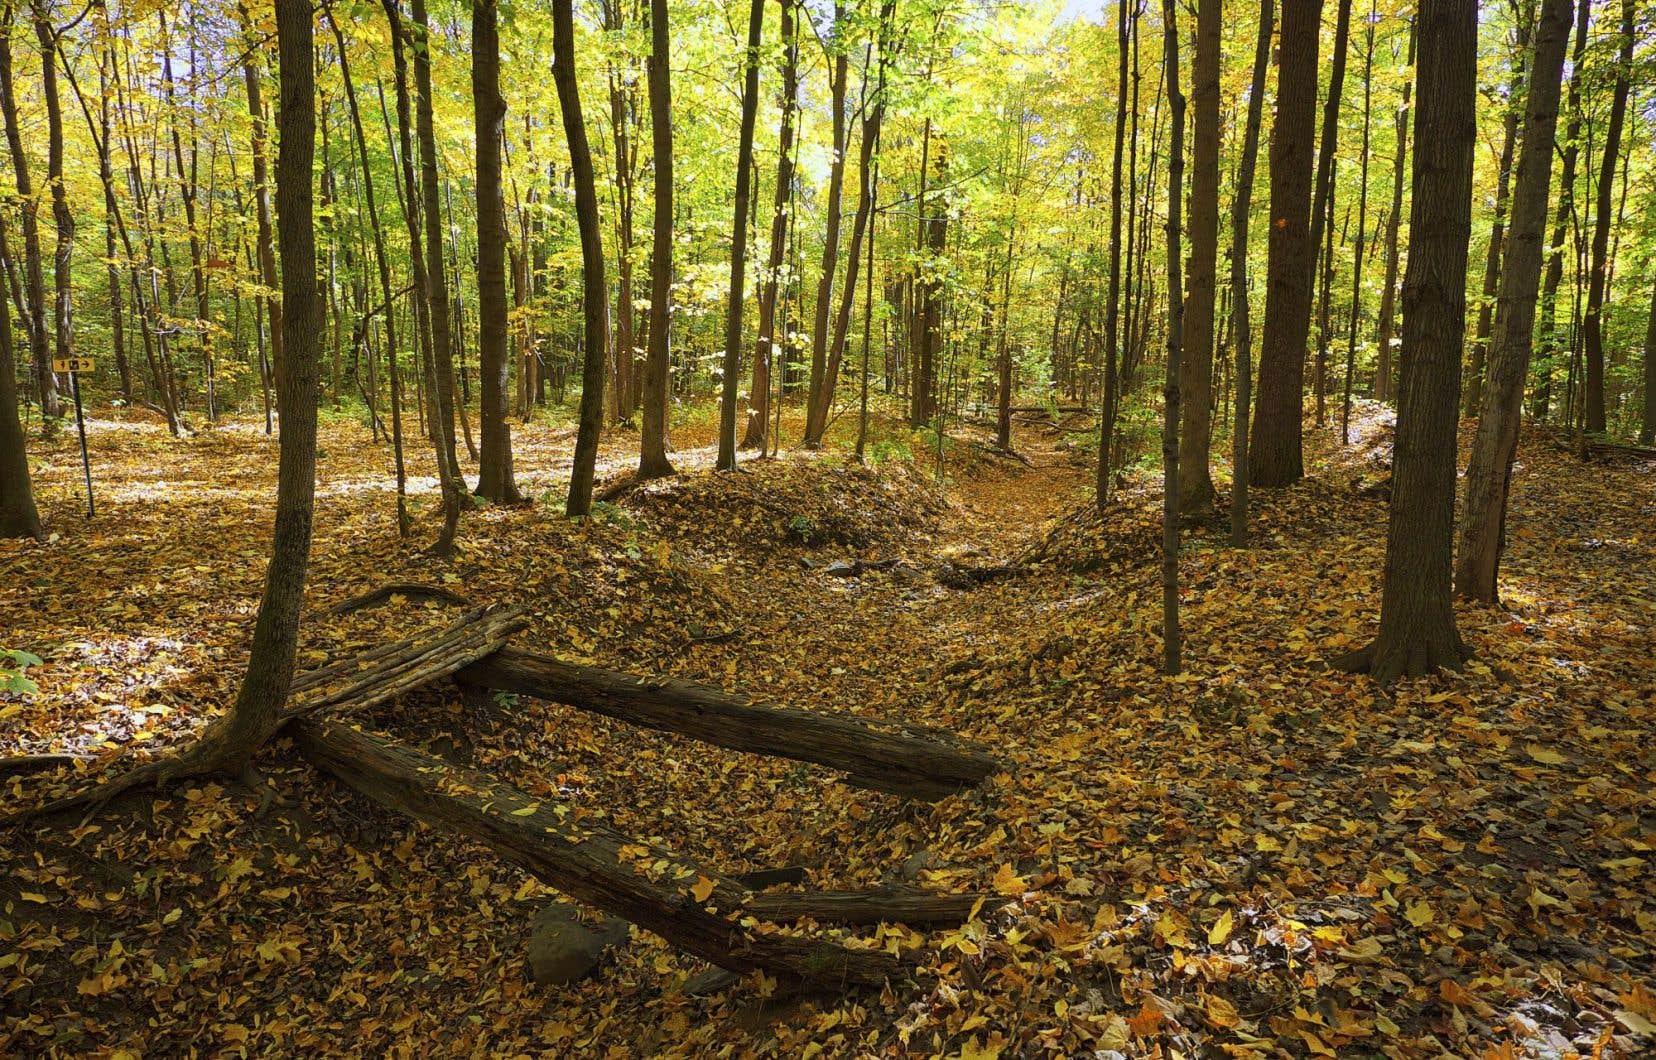 À Laval, le Bois de l'Équerre offre 10 km de sentiers de randonnée pédestre.